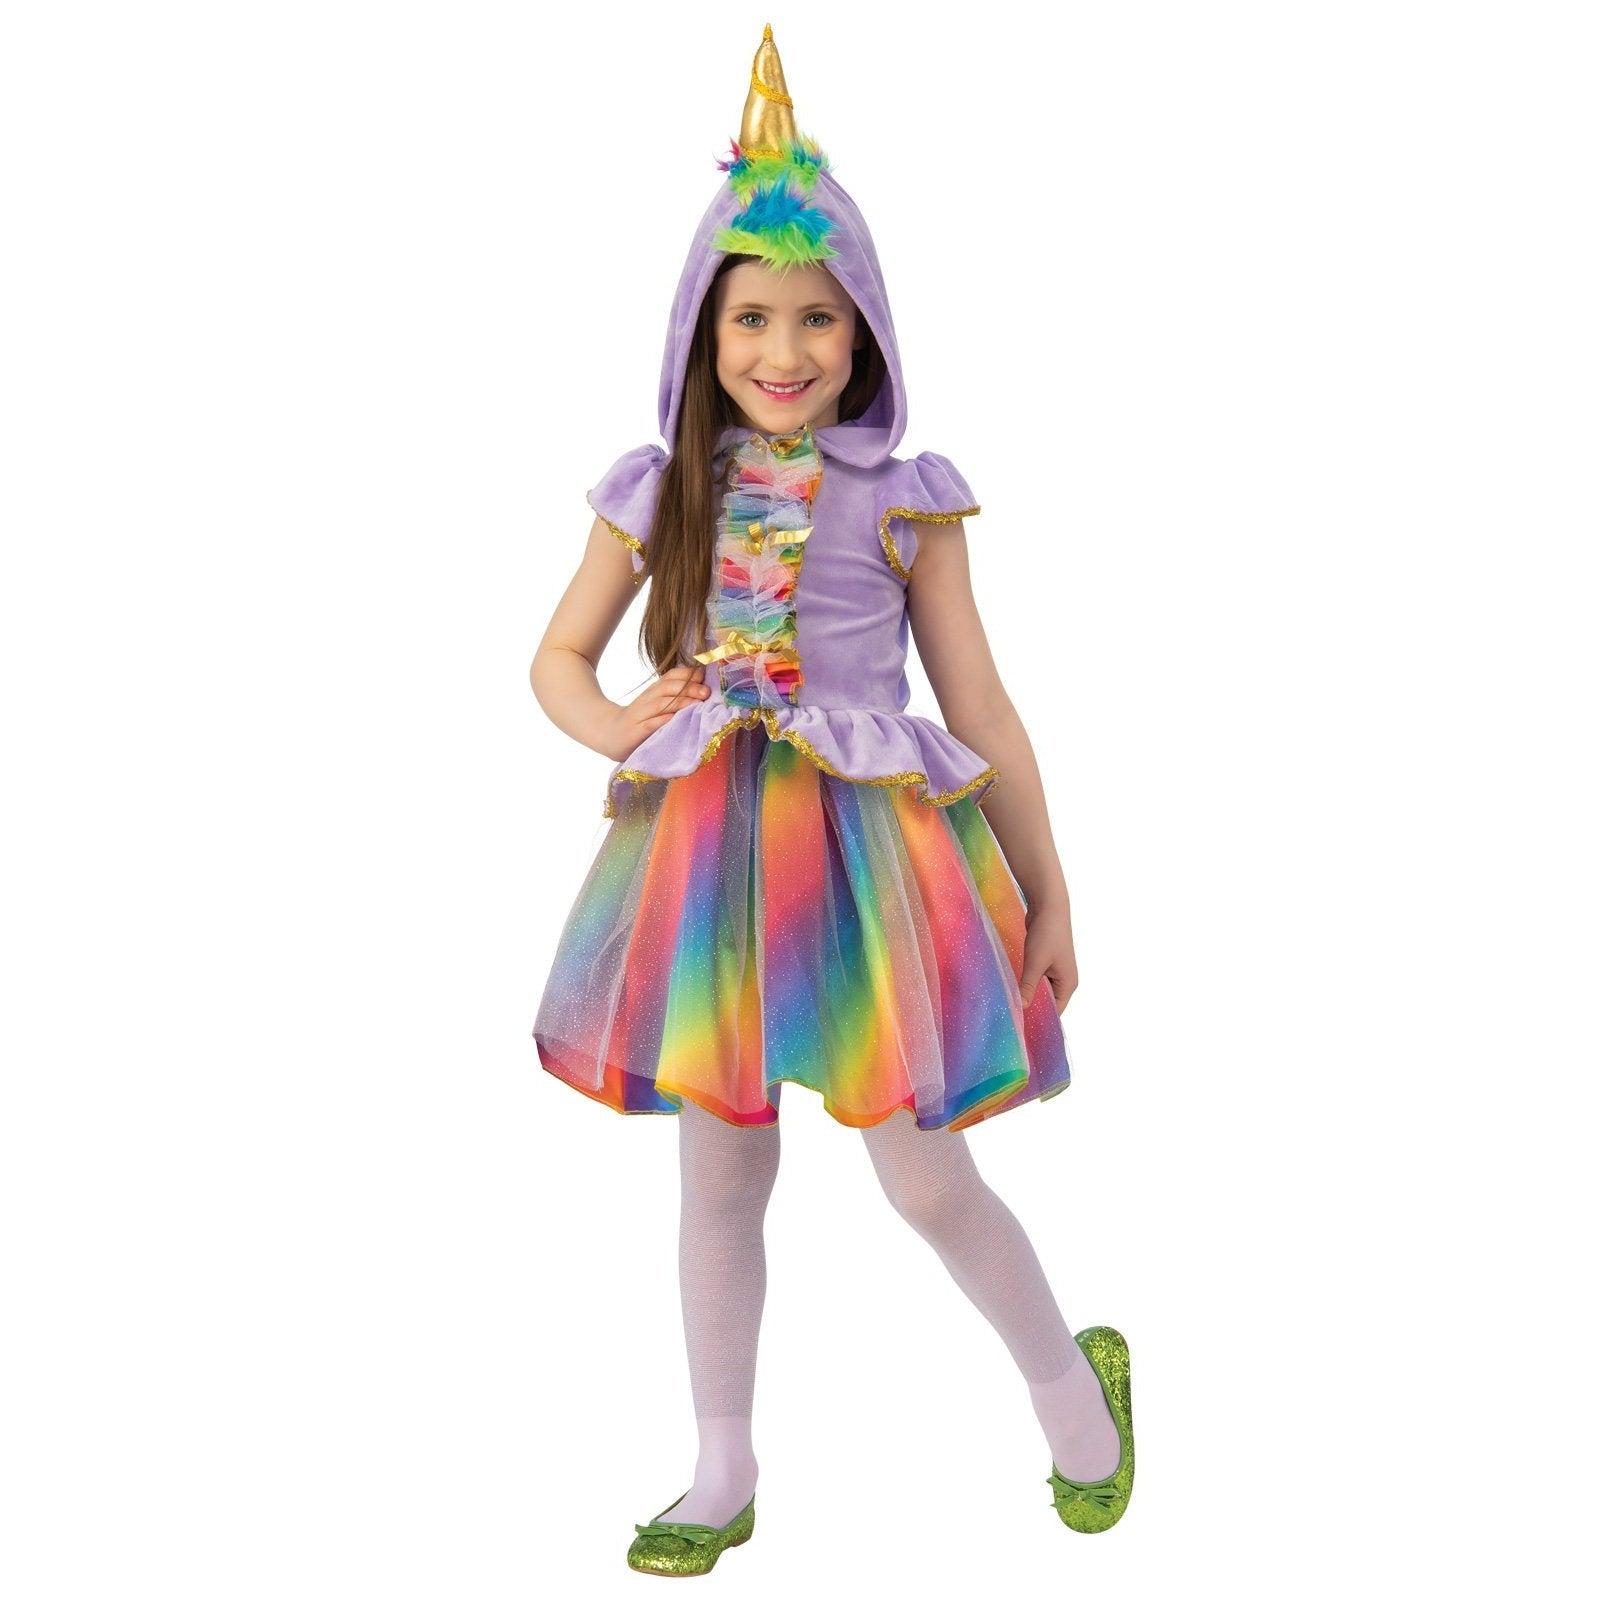 Unicorn Costume Girls